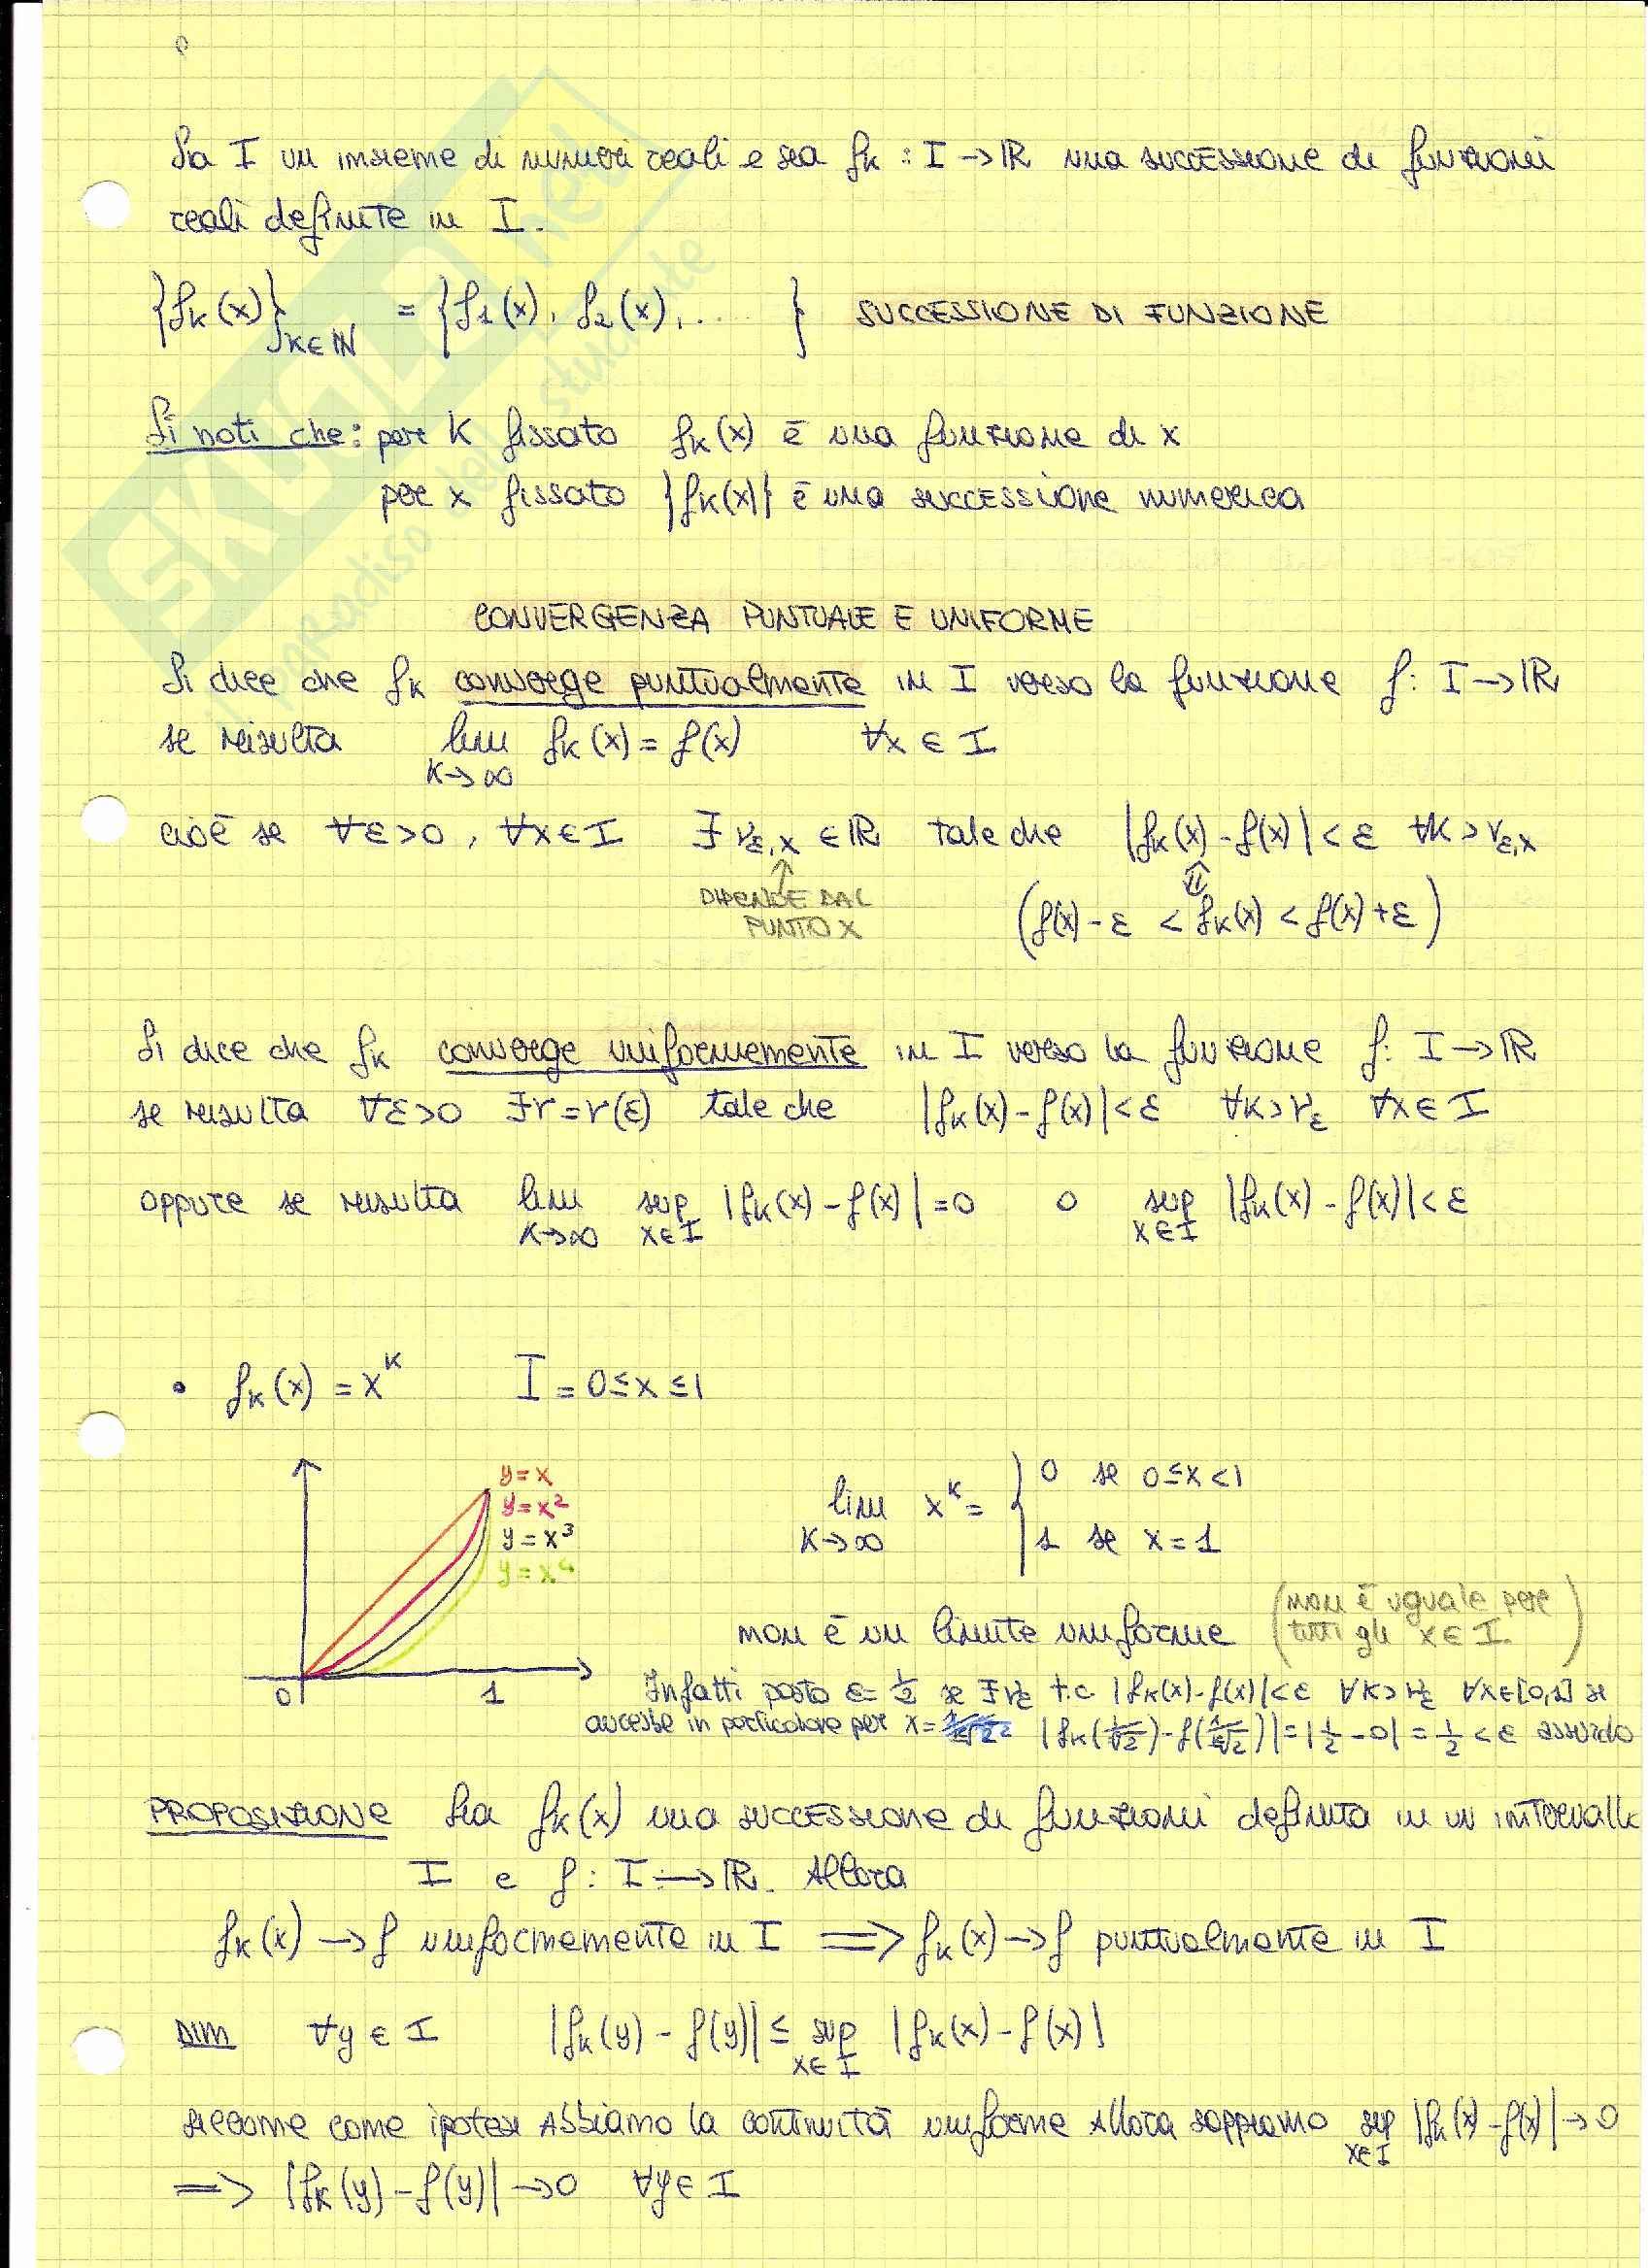 Appunti Corso Analisi Matematica 4